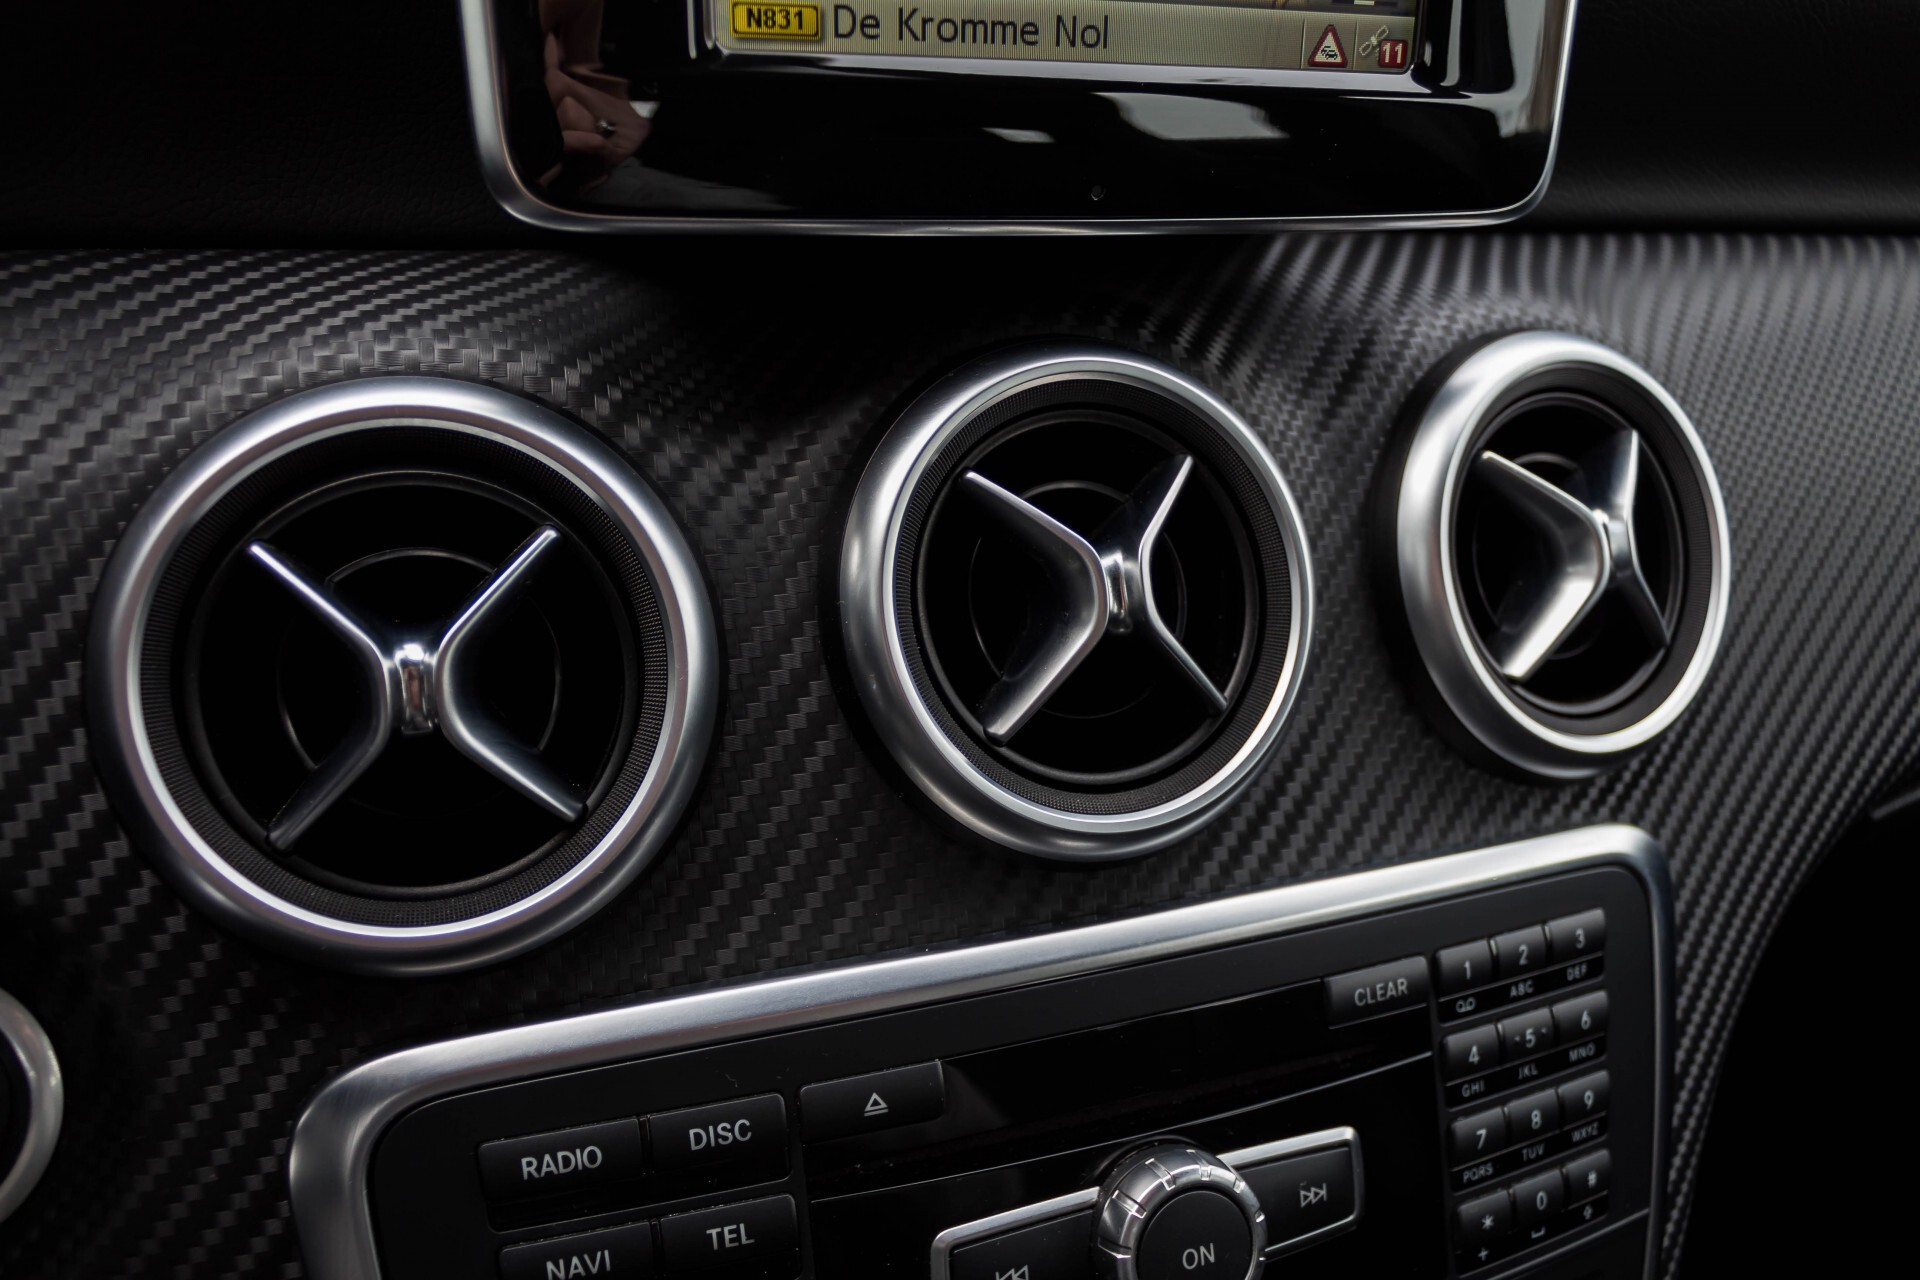 Mercedes-Benz A-Klasse 180 Cdi AMG Panorama Bi-xenon/Navi/PTS Aut7 Foto 16